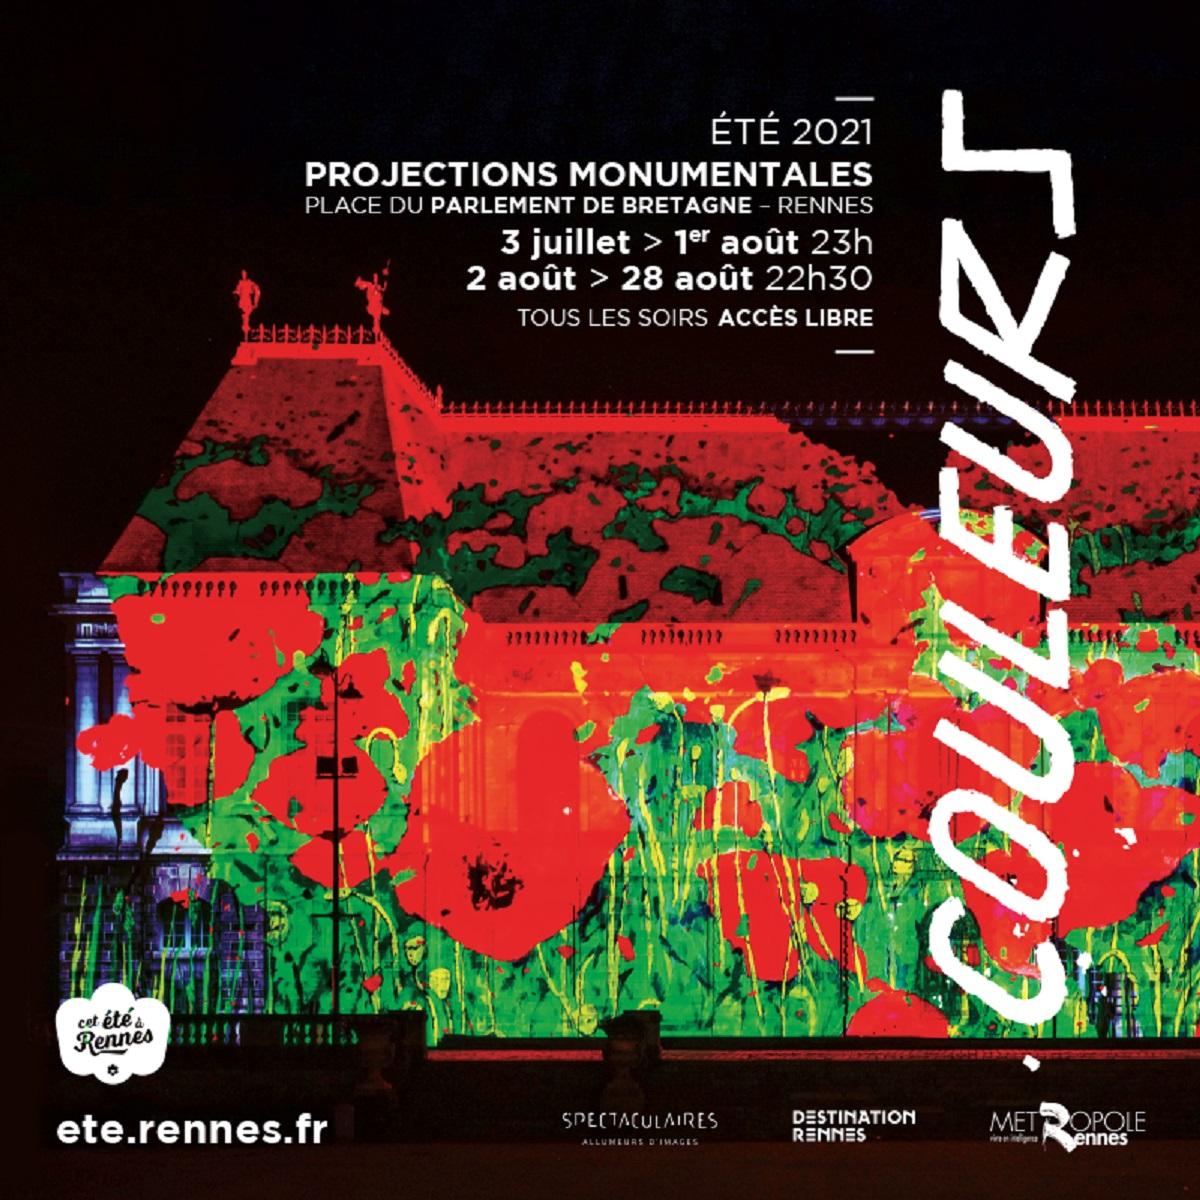 2021-projections-monumentales-parlement-de-bretagne-couleurs-rennes